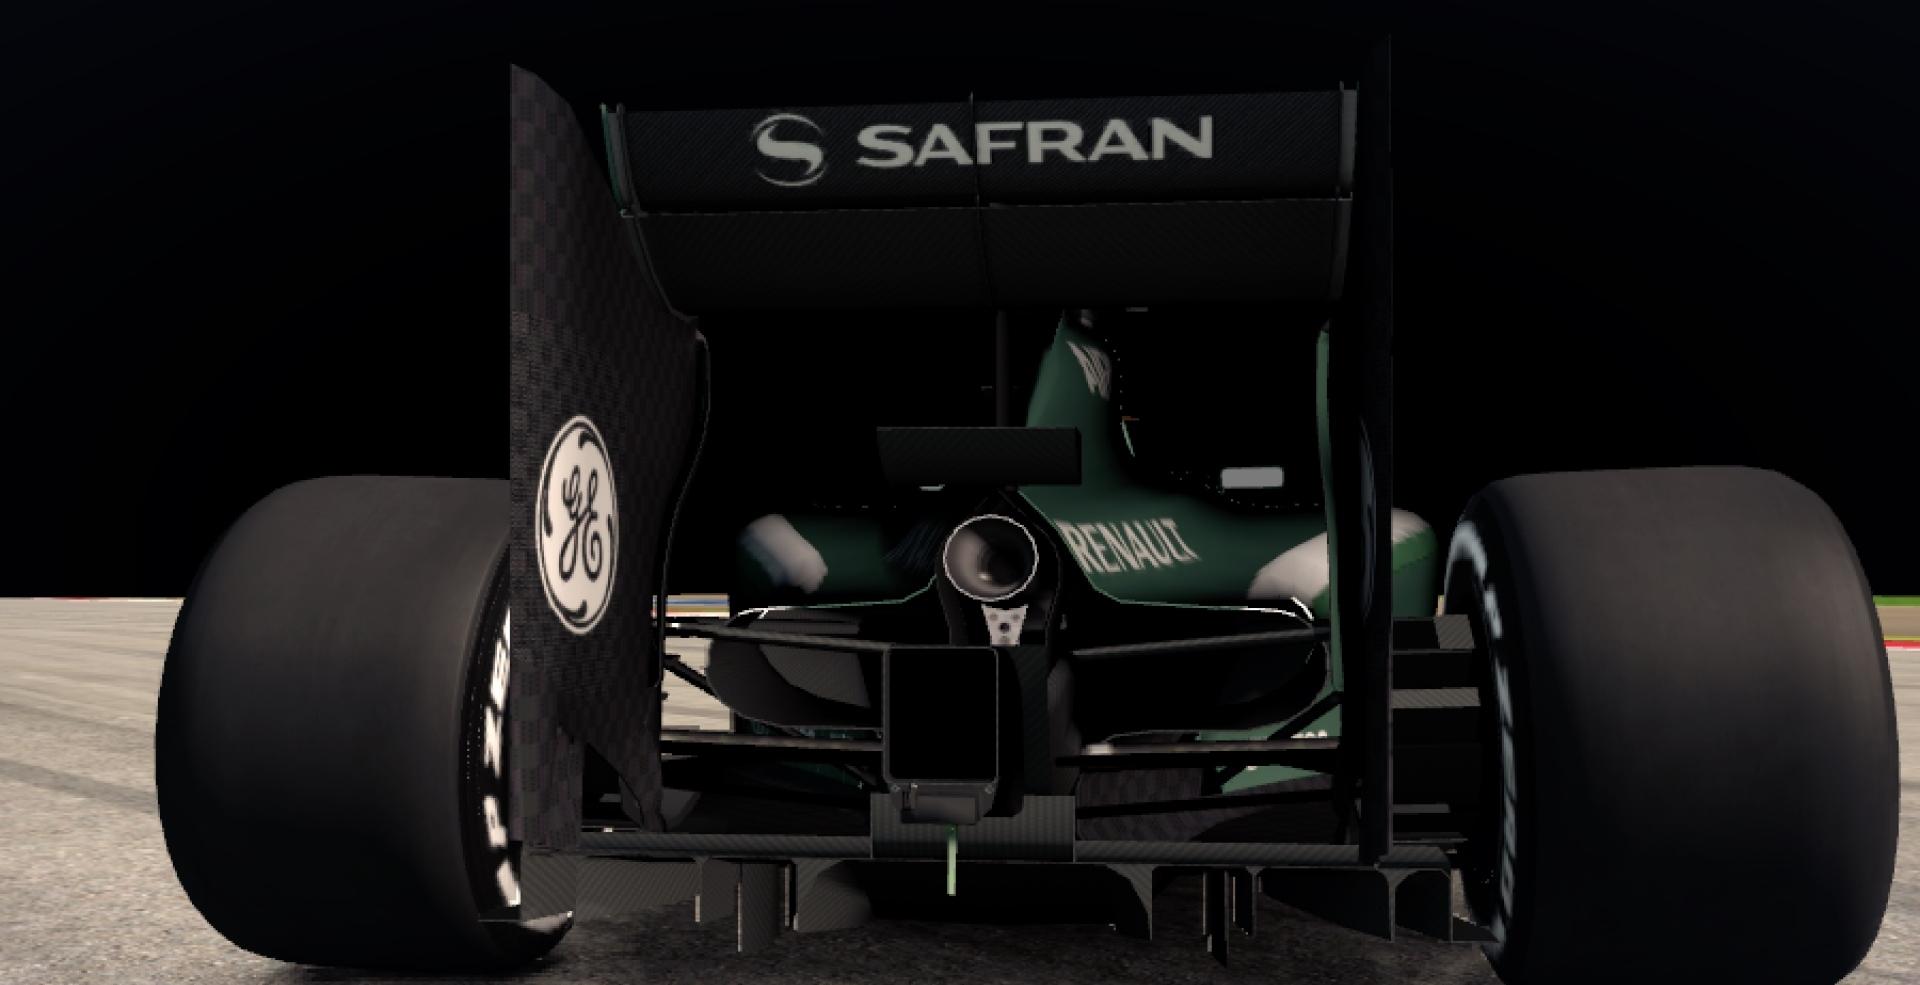 F1_2014 2015-07-18 12-13-31-295.jpg